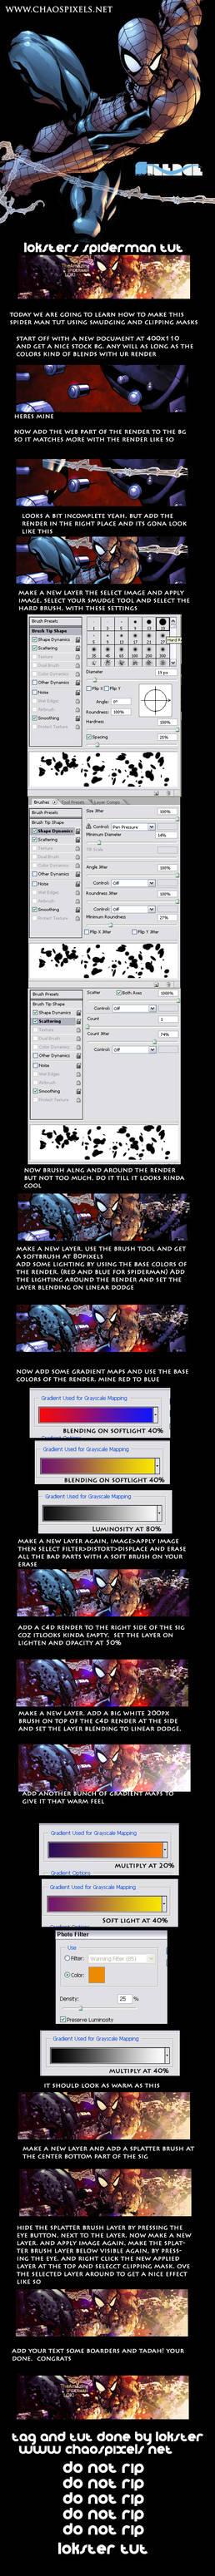 spider man tutorial signature